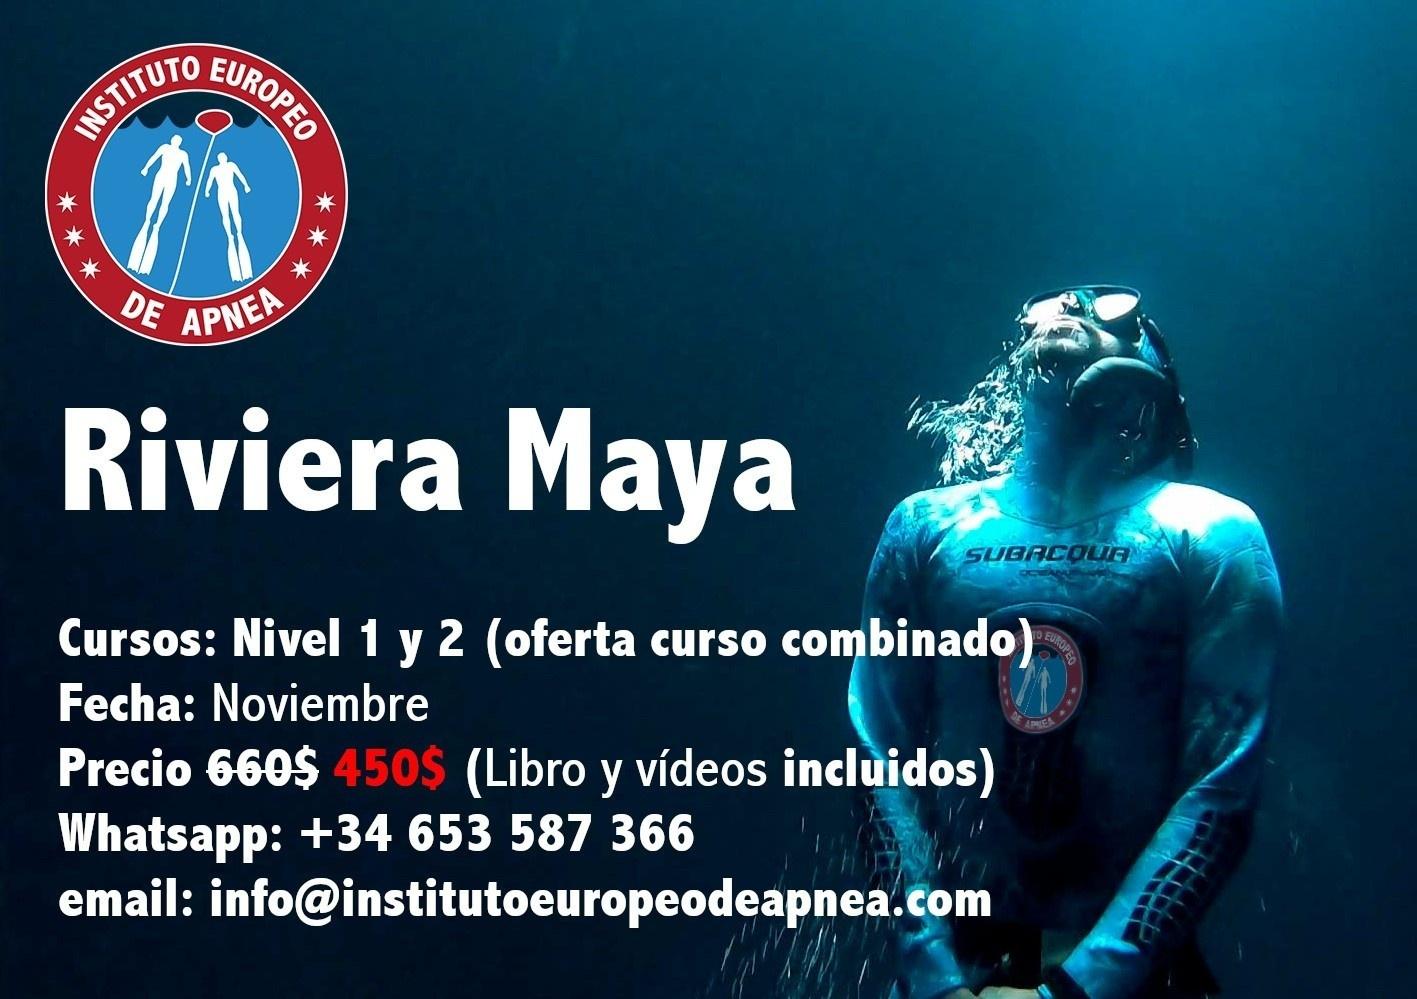 Curso de apnea en Cenotes de Riviera Maya - Mexico